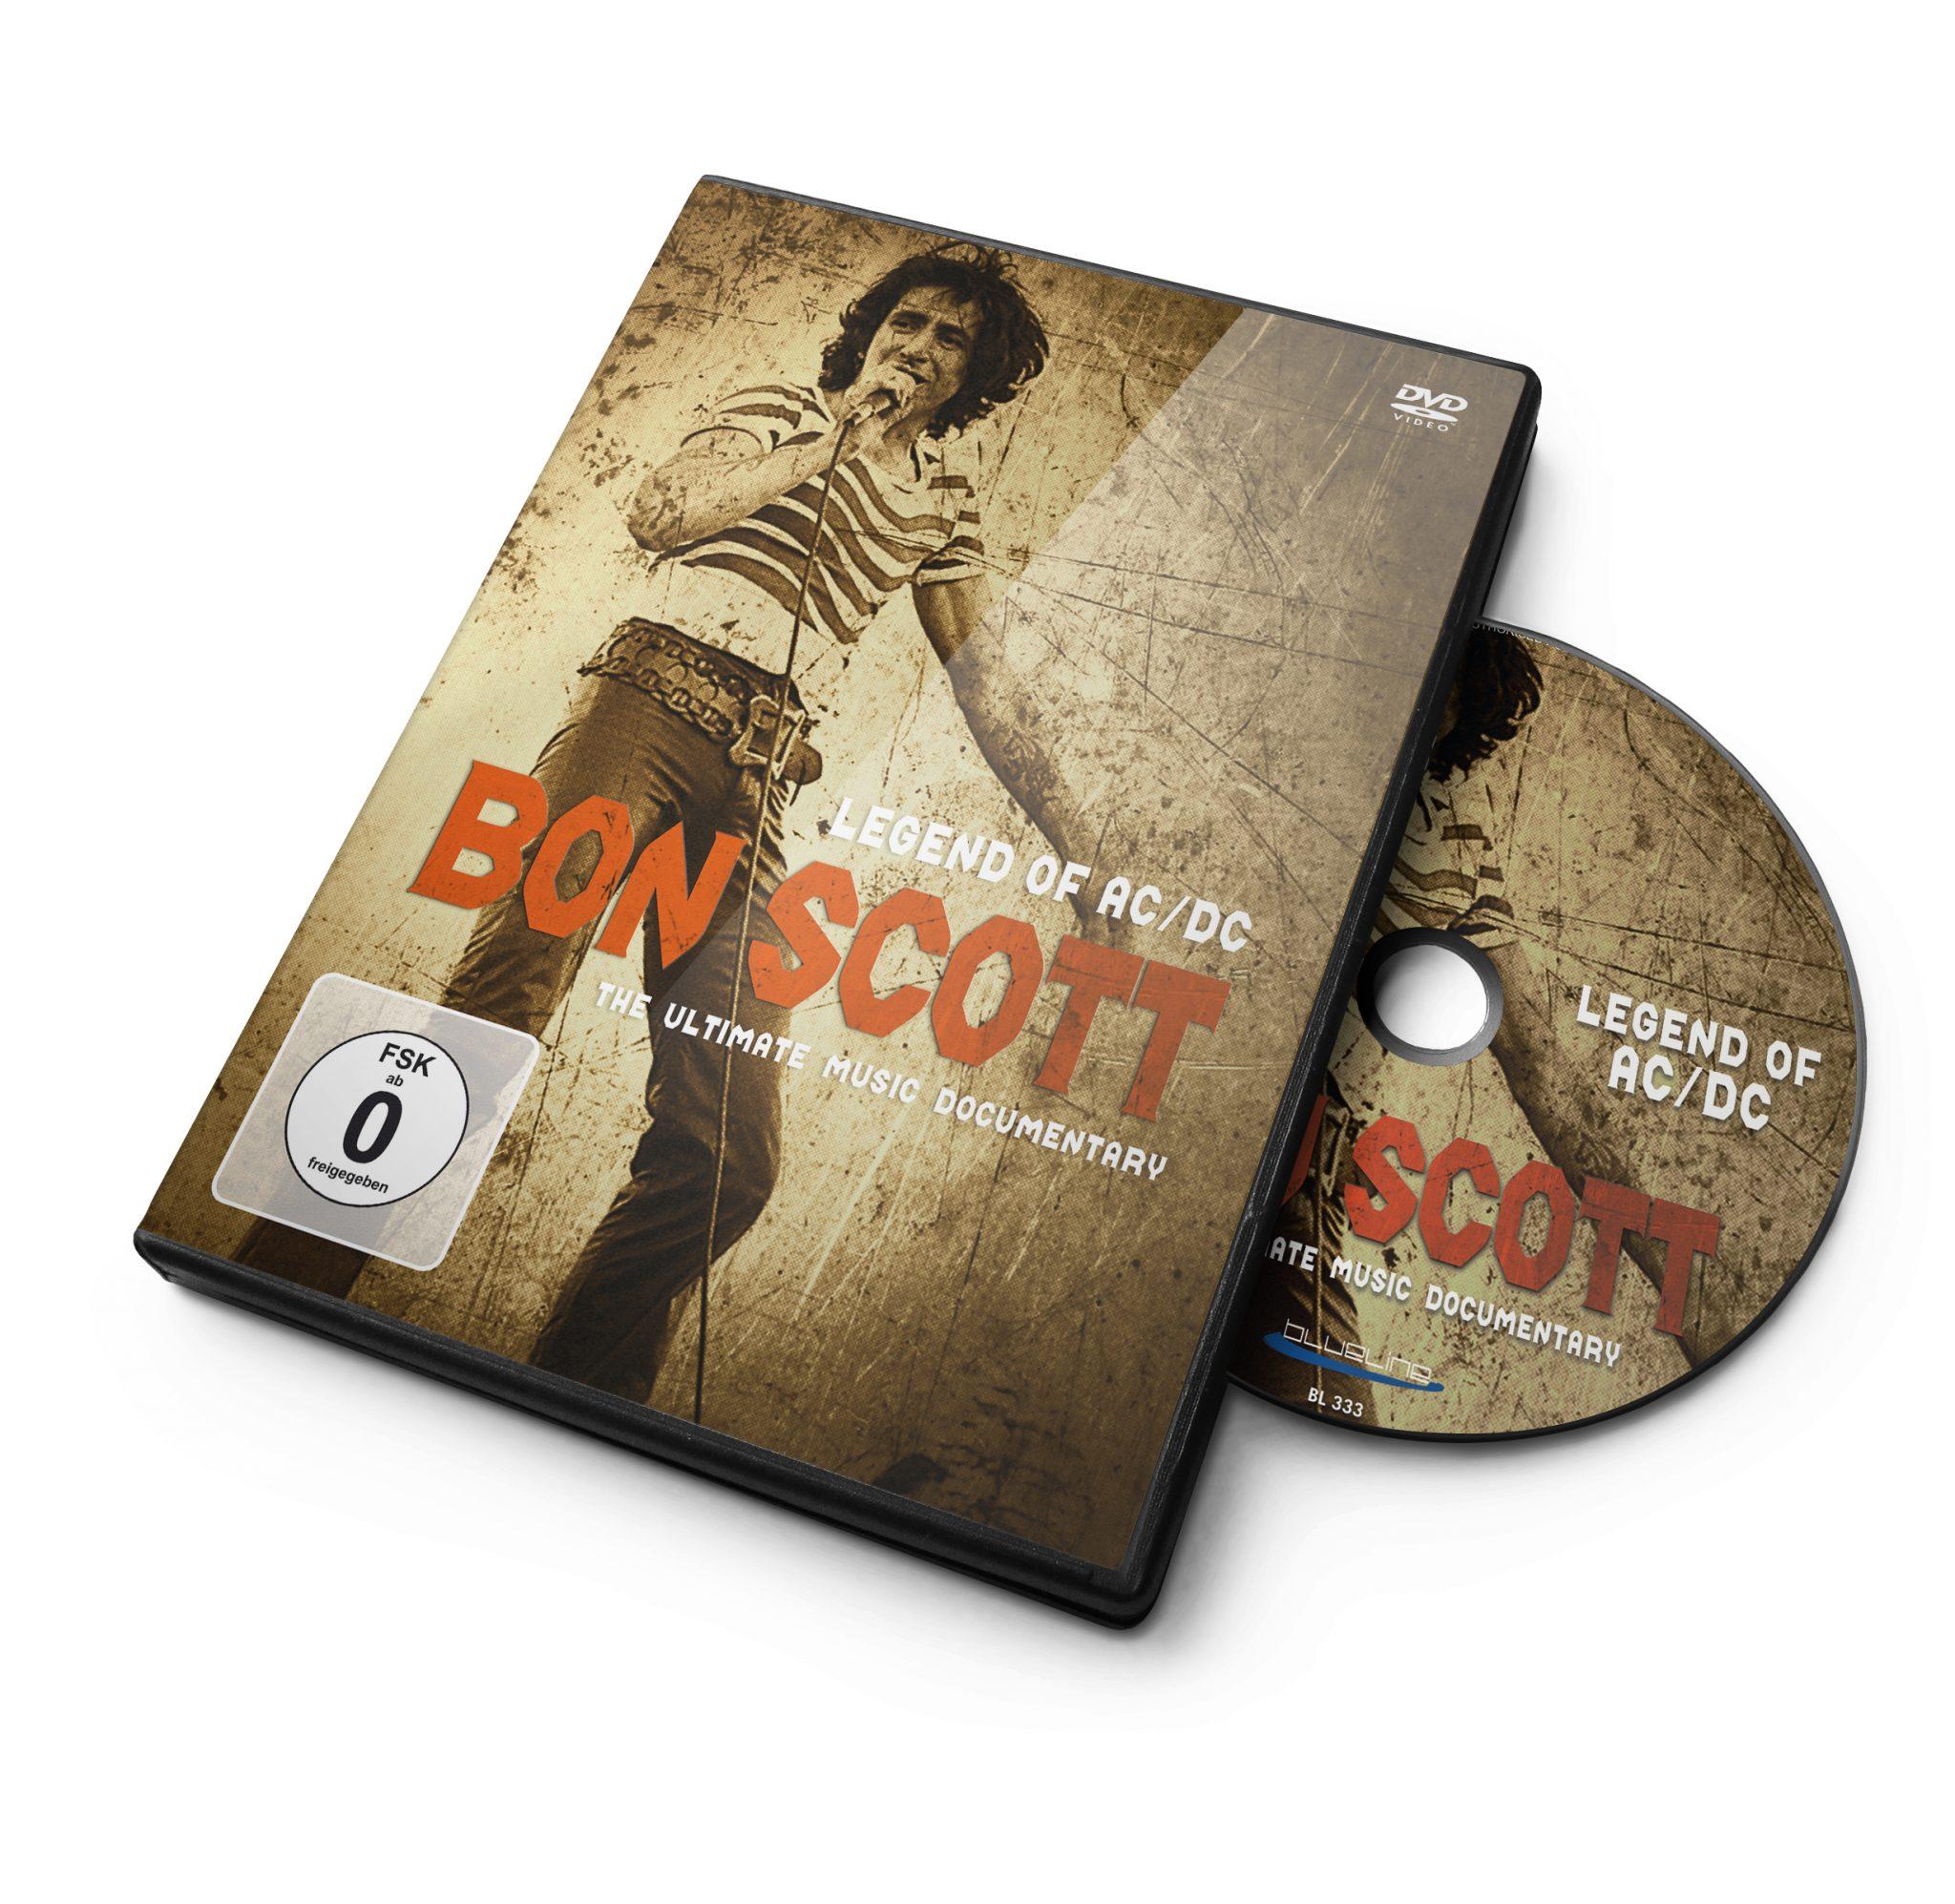 bon scott-docu_dvd